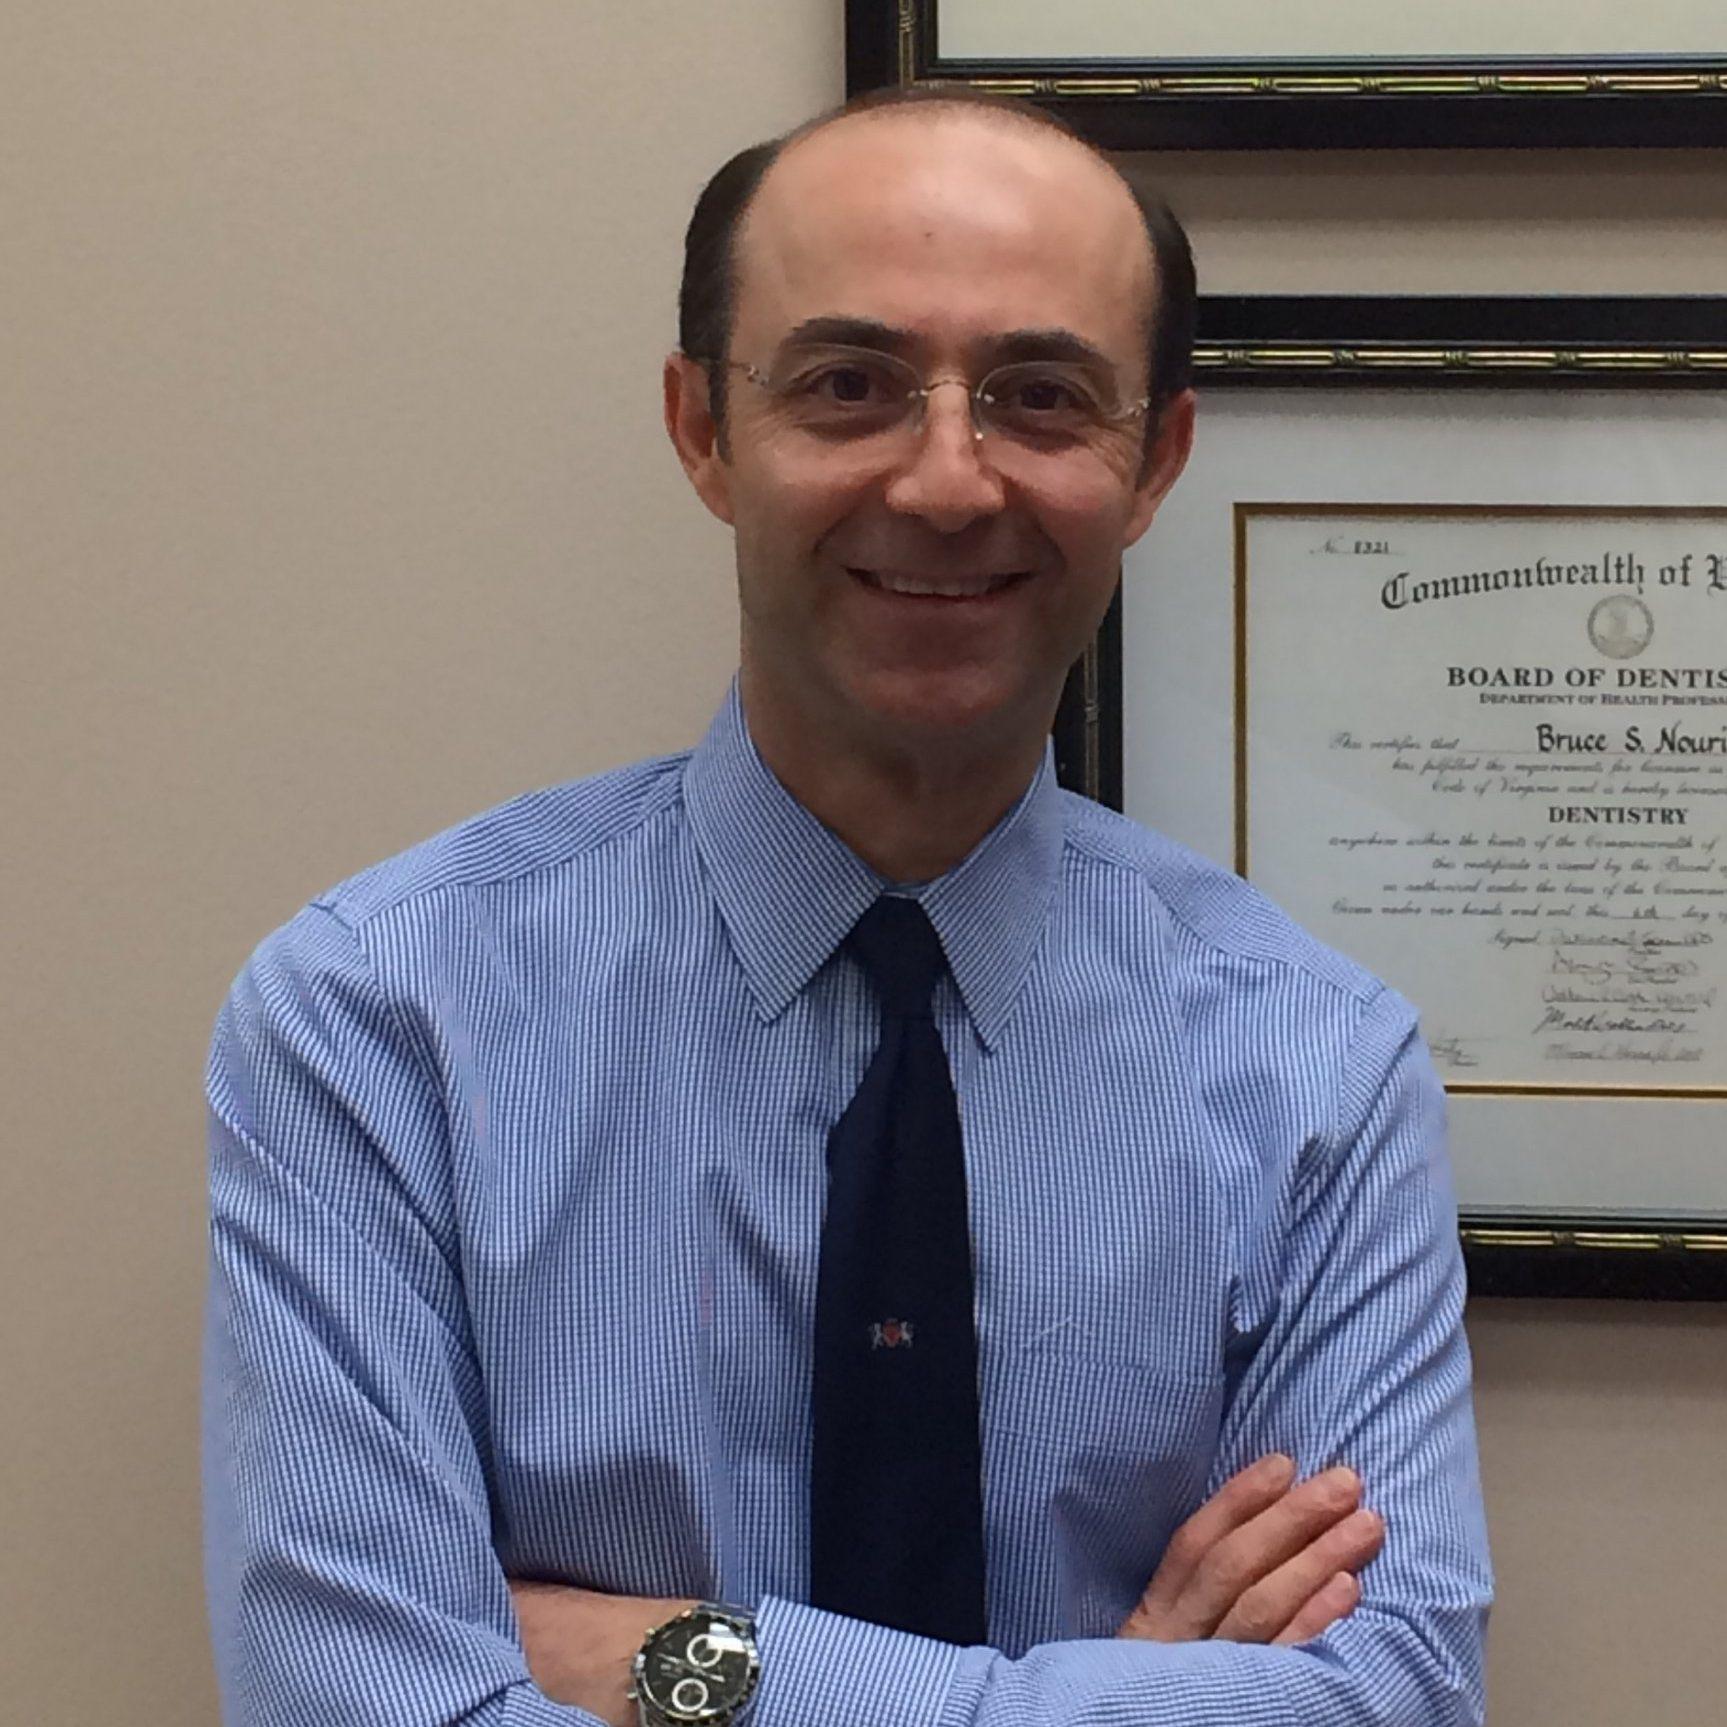 Dr. Bruce S. Nouri